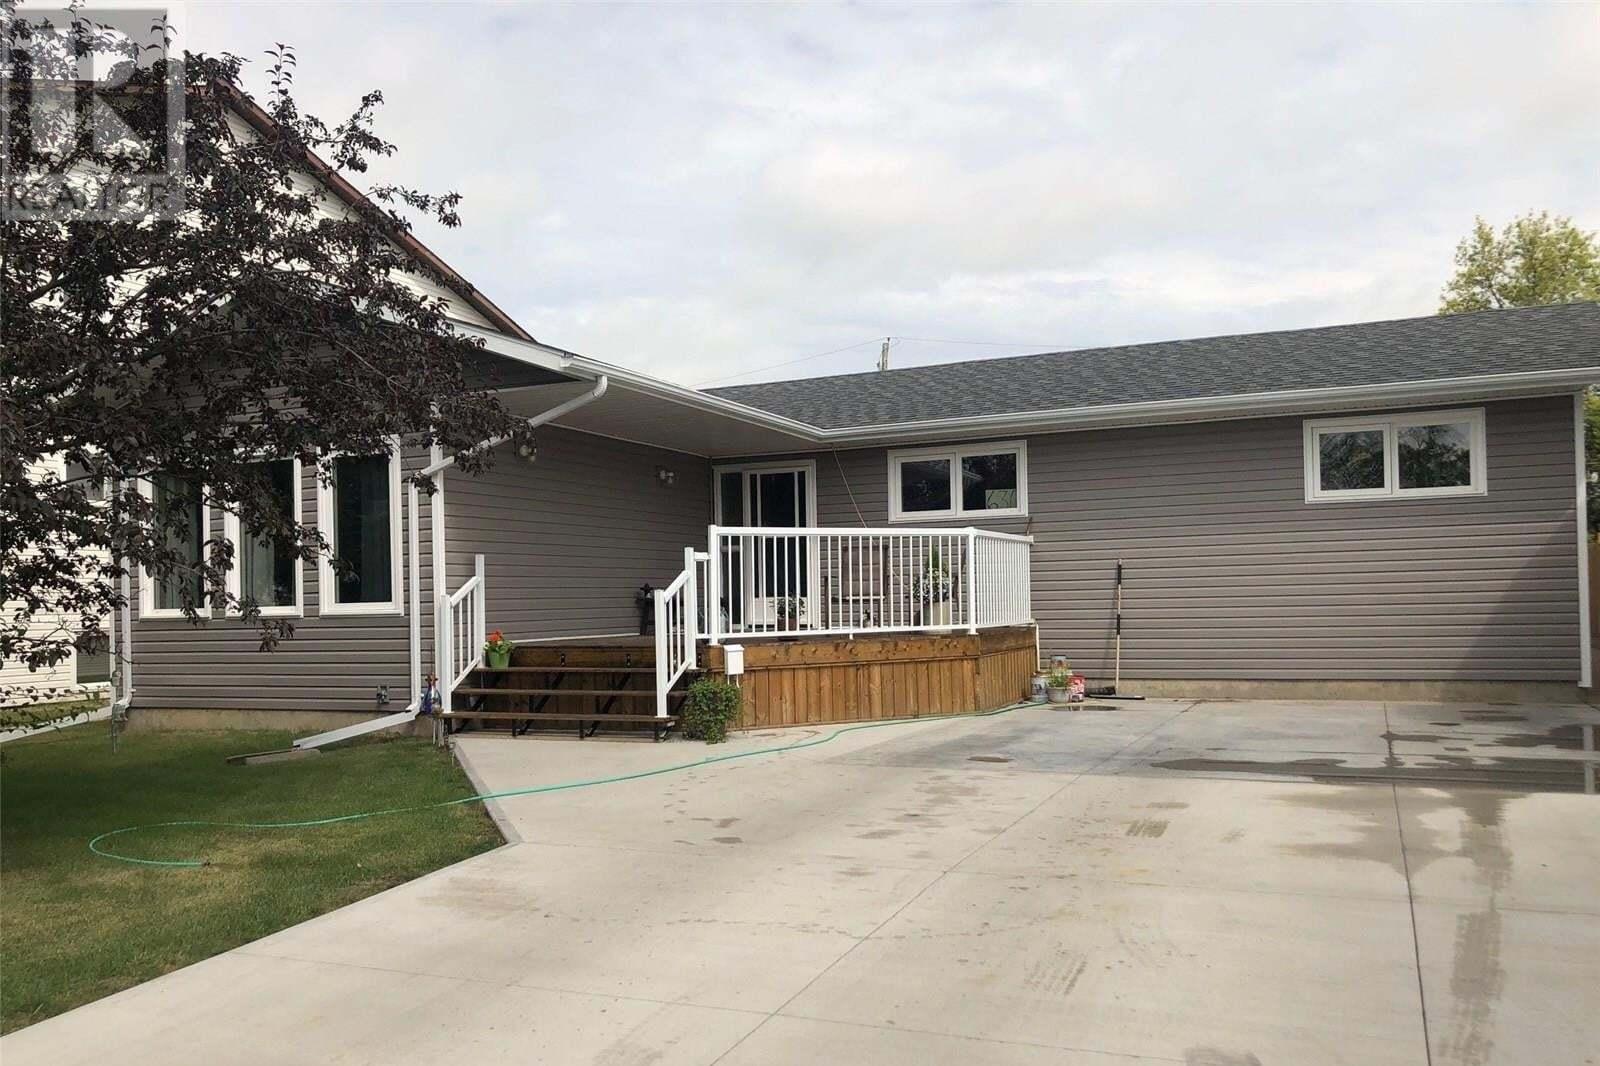 House for sale at 630 17th St Humboldt Saskatchewan - MLS: SK819746